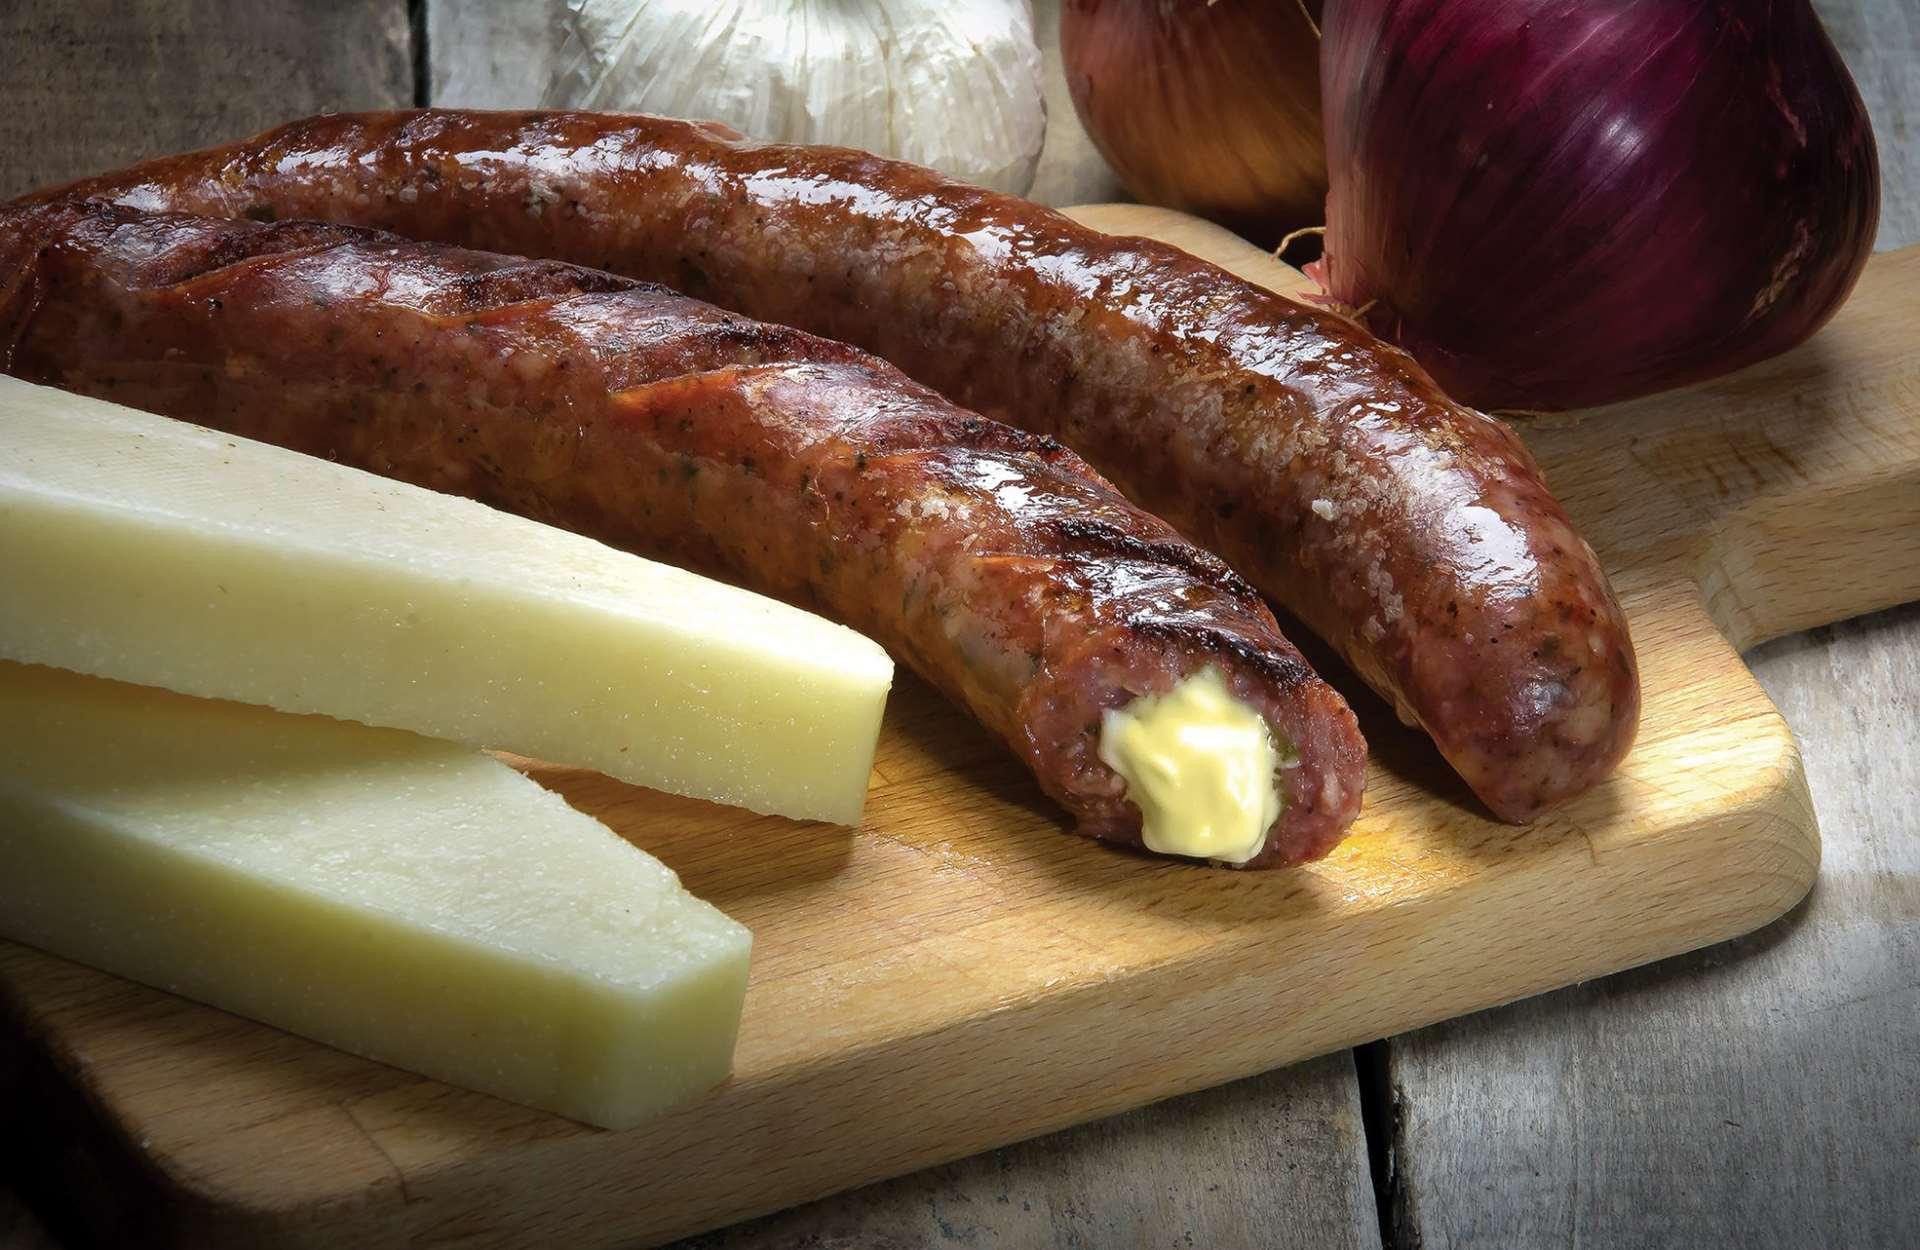 motsarela sausage